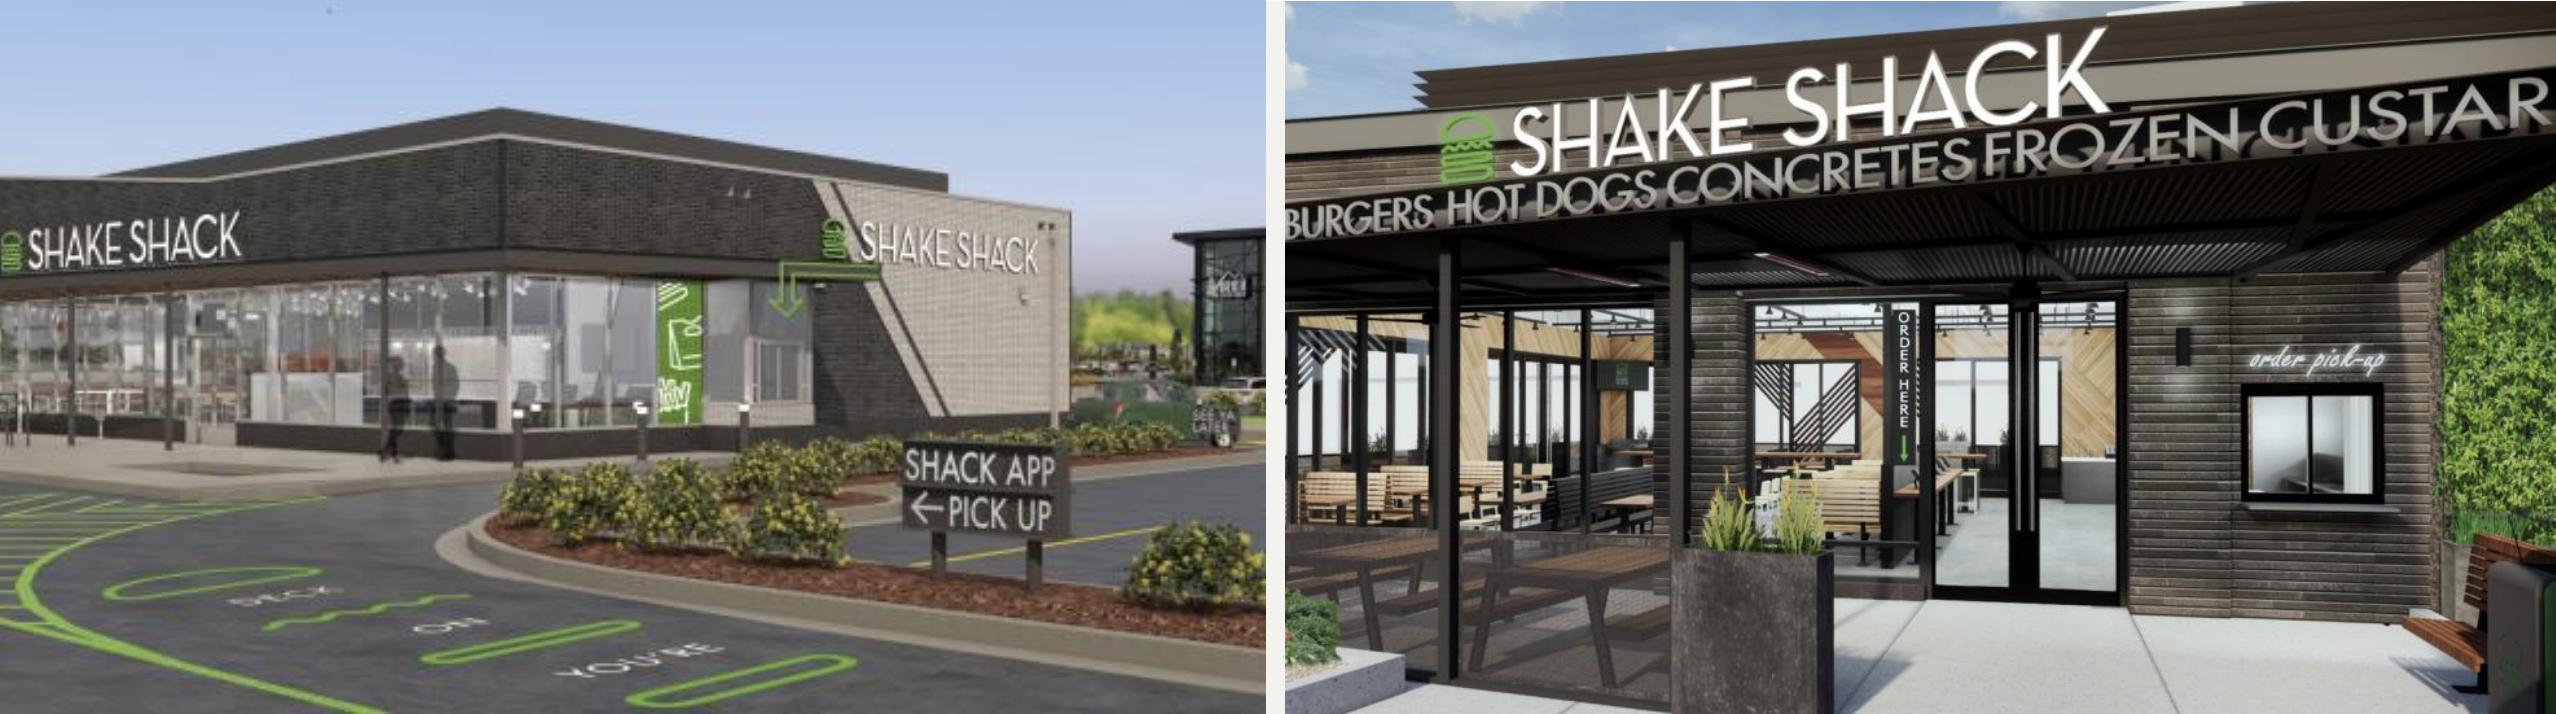 Shake shack pick-up